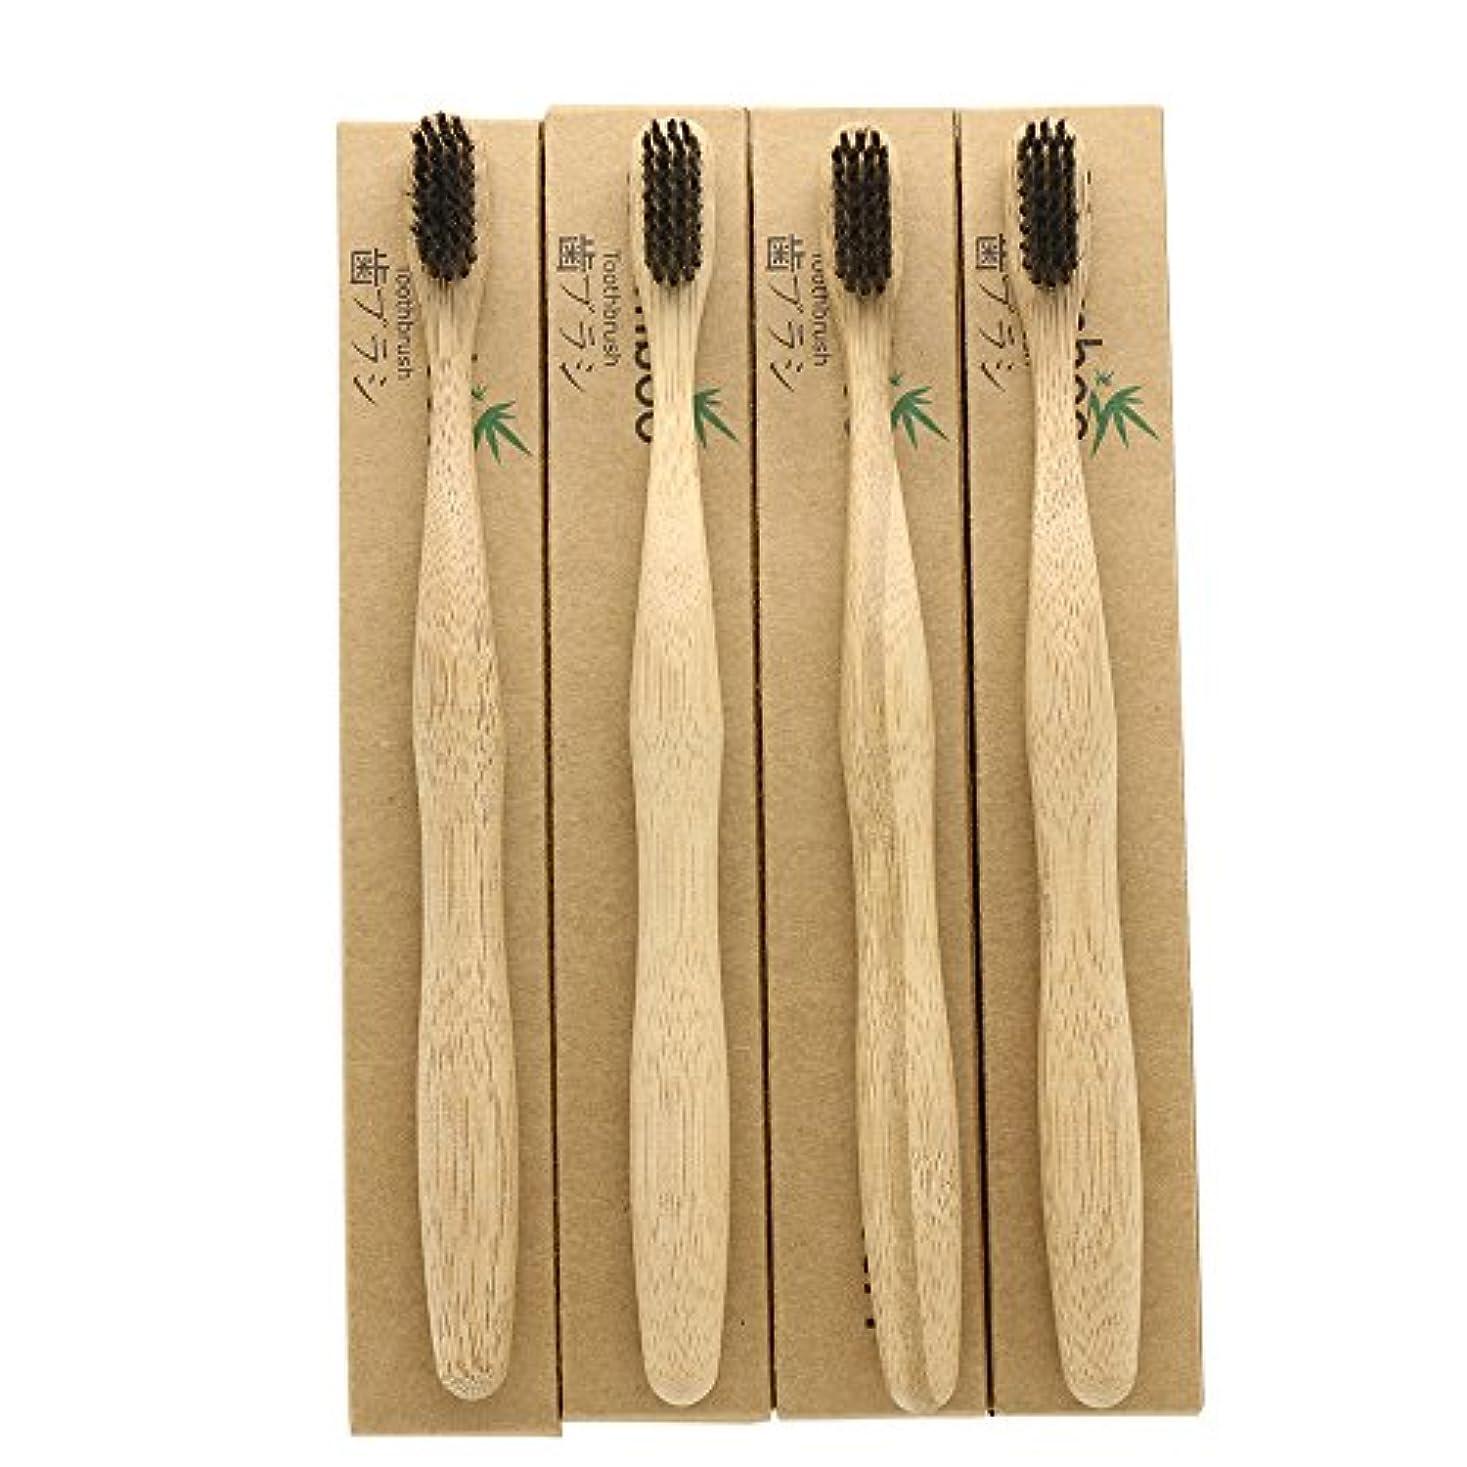 かろうじて連帯義務づけるN-amboo 竹製耐久度高い 歯ブラシ  黒い ハンドル大きい  4本入りセット